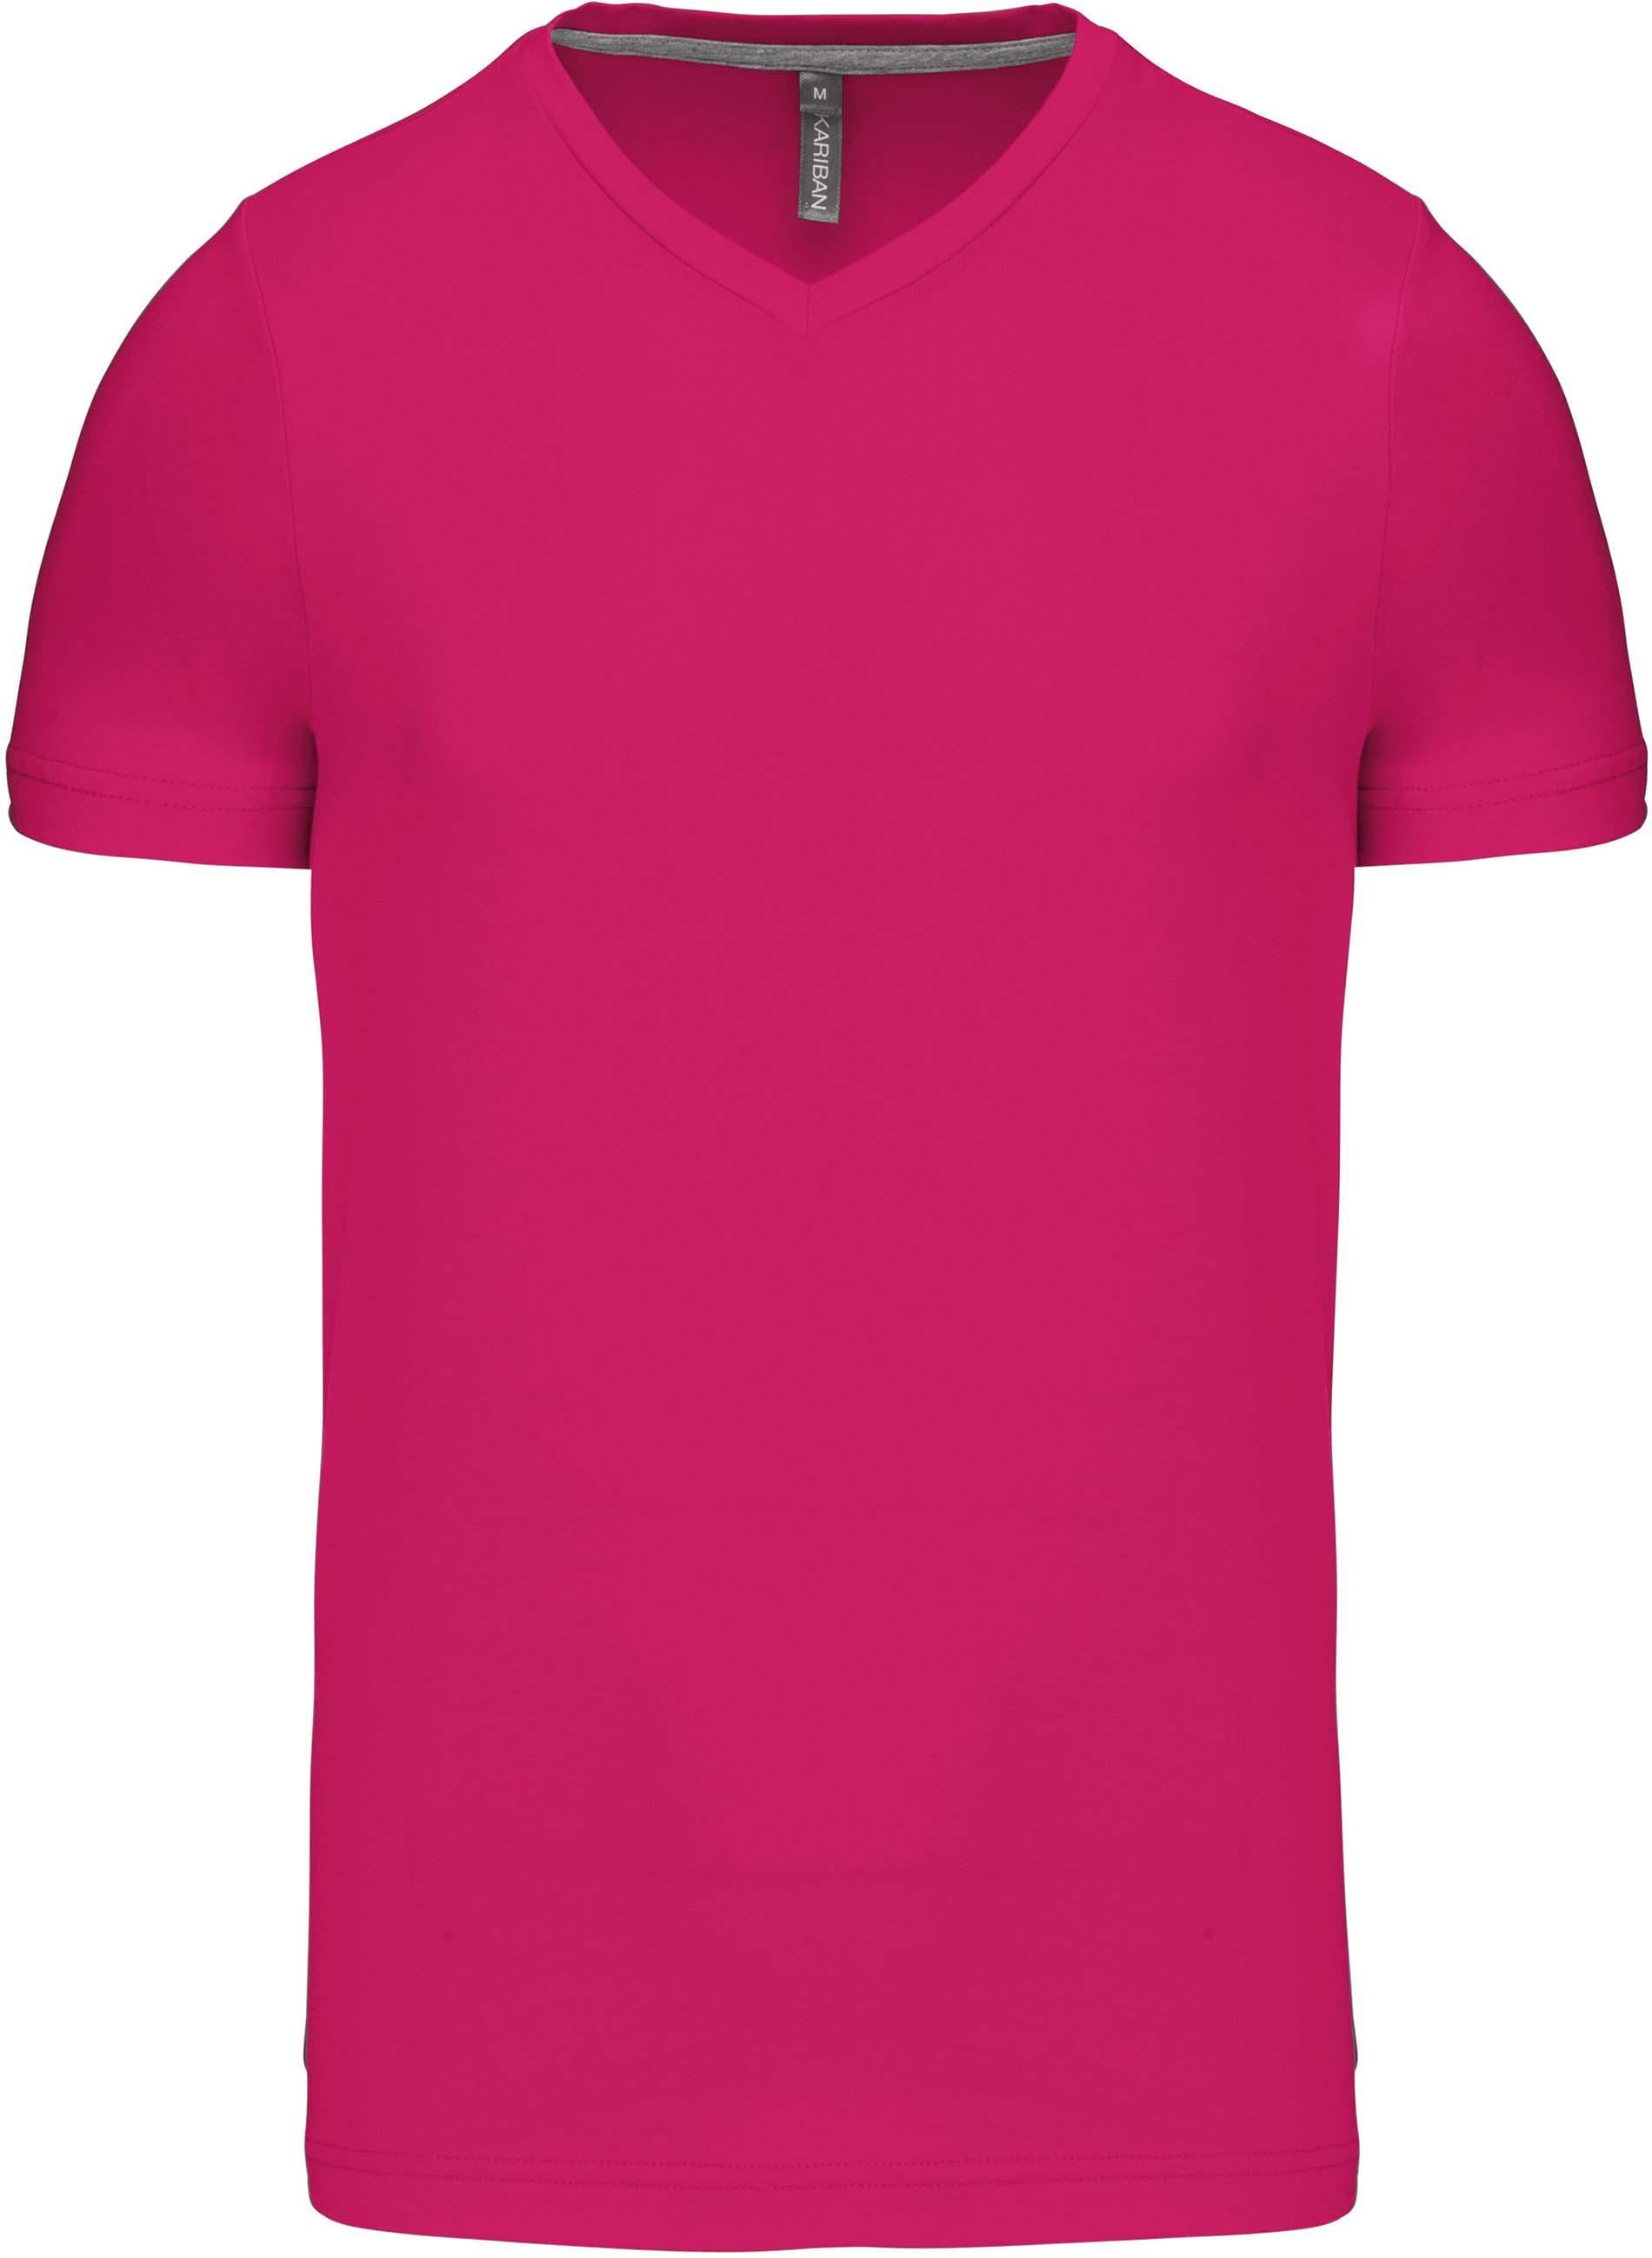 Pánské tričko kr.rukáv V-neck. Barva: Fuchsia